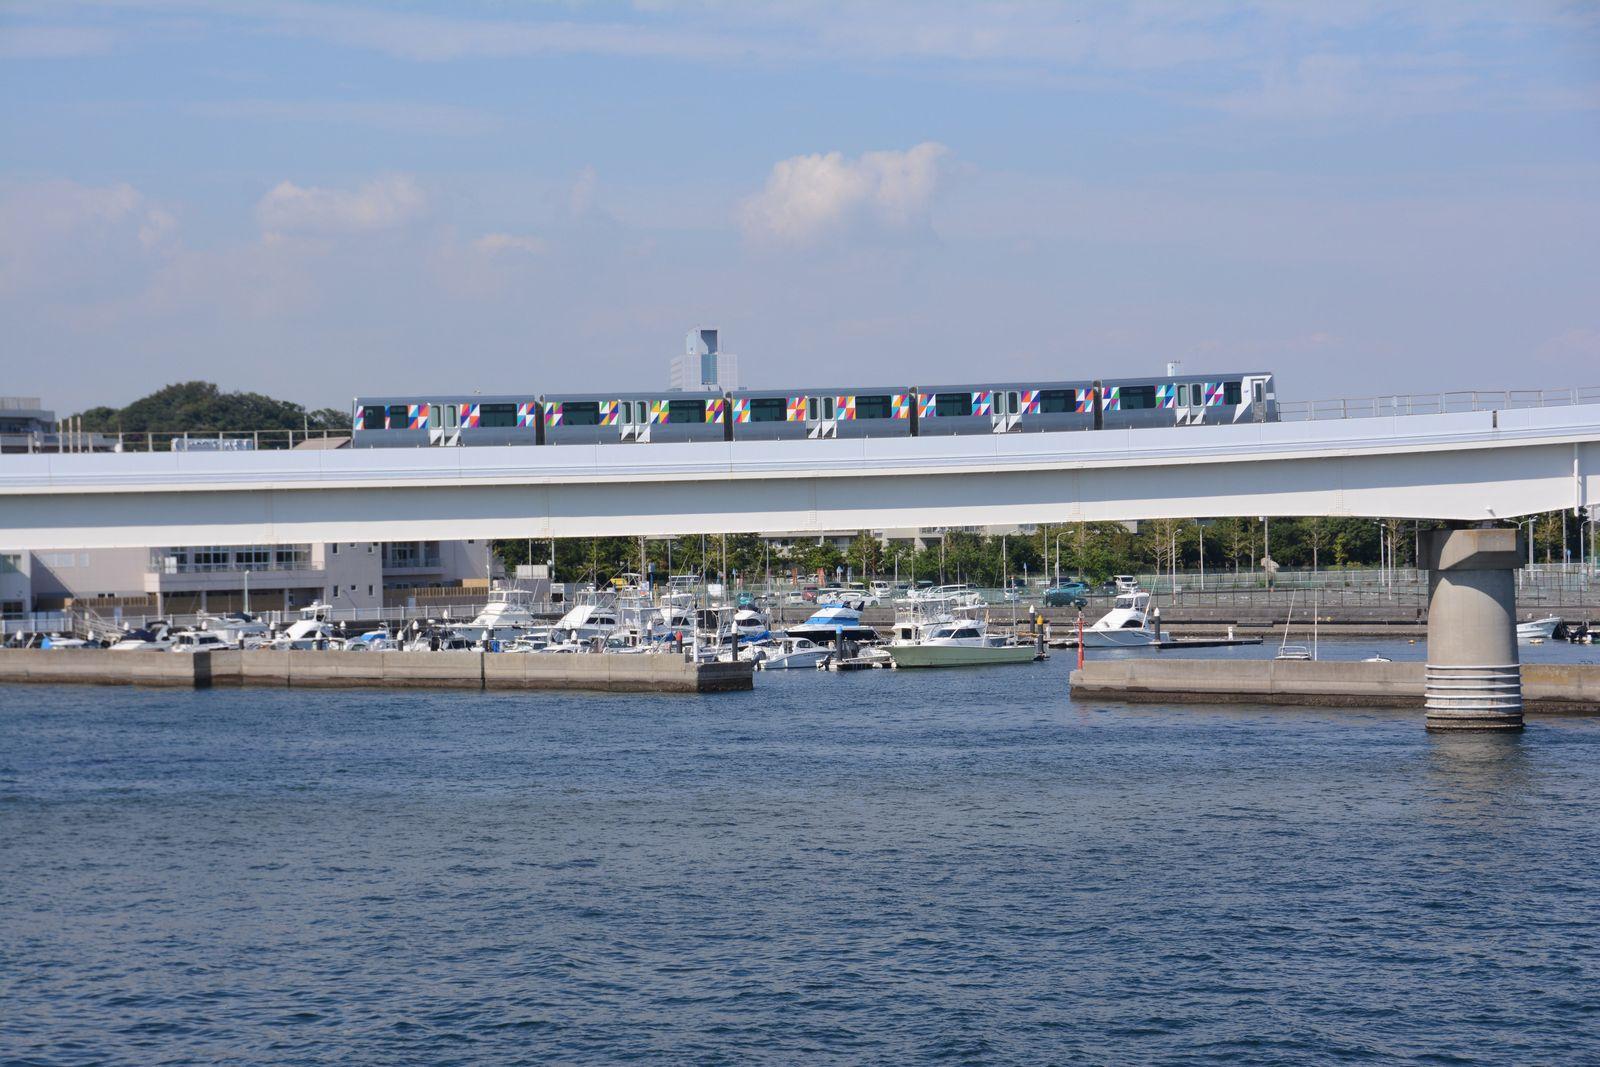 横浜シーサイドライン途中下車の旅